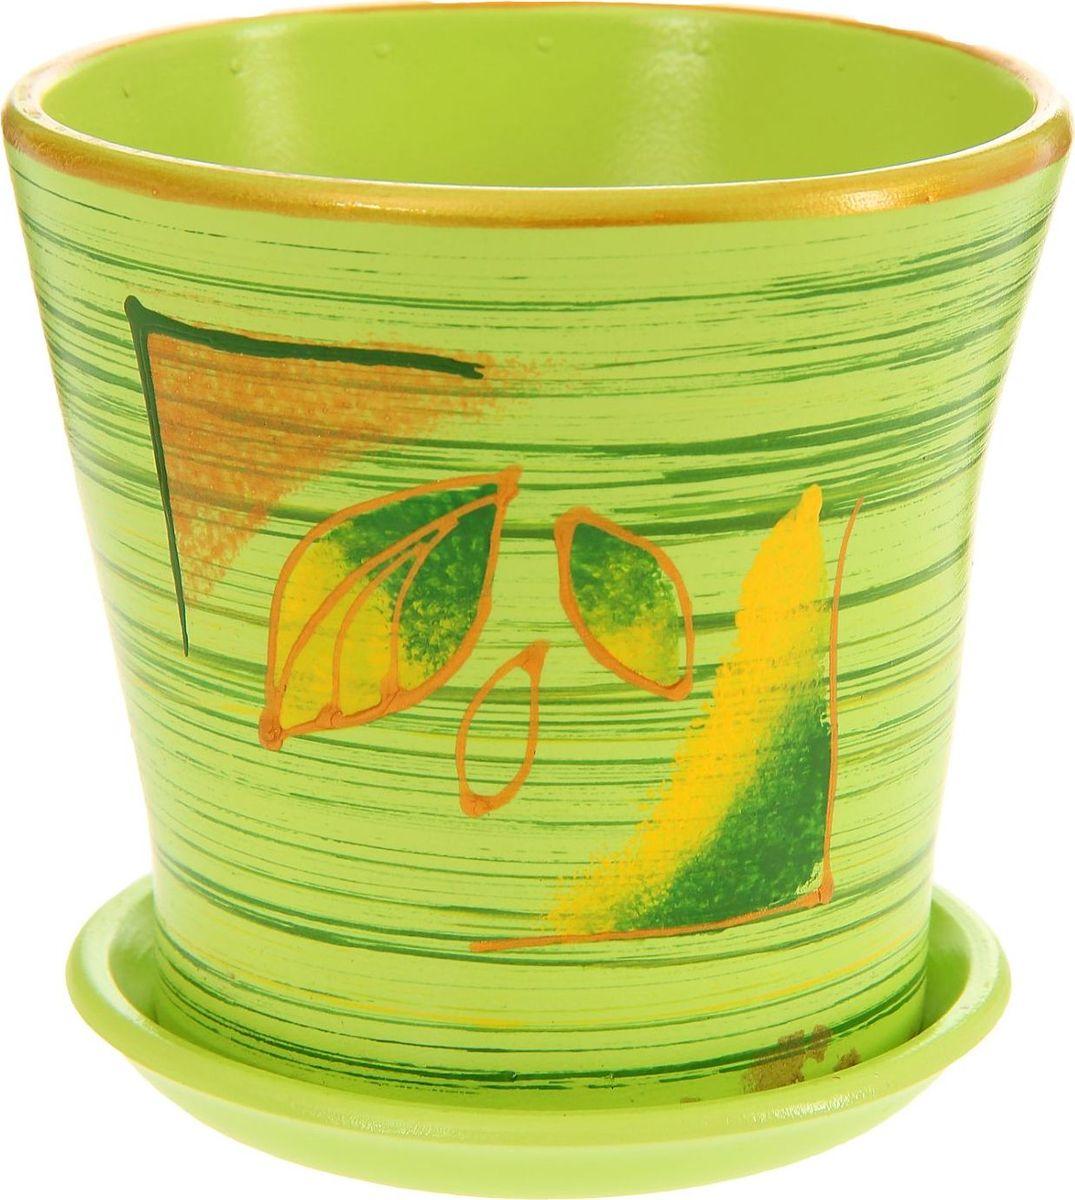 Кашпо Осенние листья, 0,5 л1157298Комнатные растения — всеобщие любимцы. Они радуют глаз, насыщают помещение кислородом и украшают пространство. Каждому из них необходим свой удобный и красивый дом. Кашпо из керамики прекрасно подходят для высадки растений: за счёт пластичности глины и разных способов обработки существует великое множество форм и дизайновпористый материал позволяет испаряться лишней влагевоздух, необходимый для дыхания корней, проникает сквозь керамические стенки! #name# позаботится о зелёном питомце, освежит интерьер и подчеркнёт его стиль.